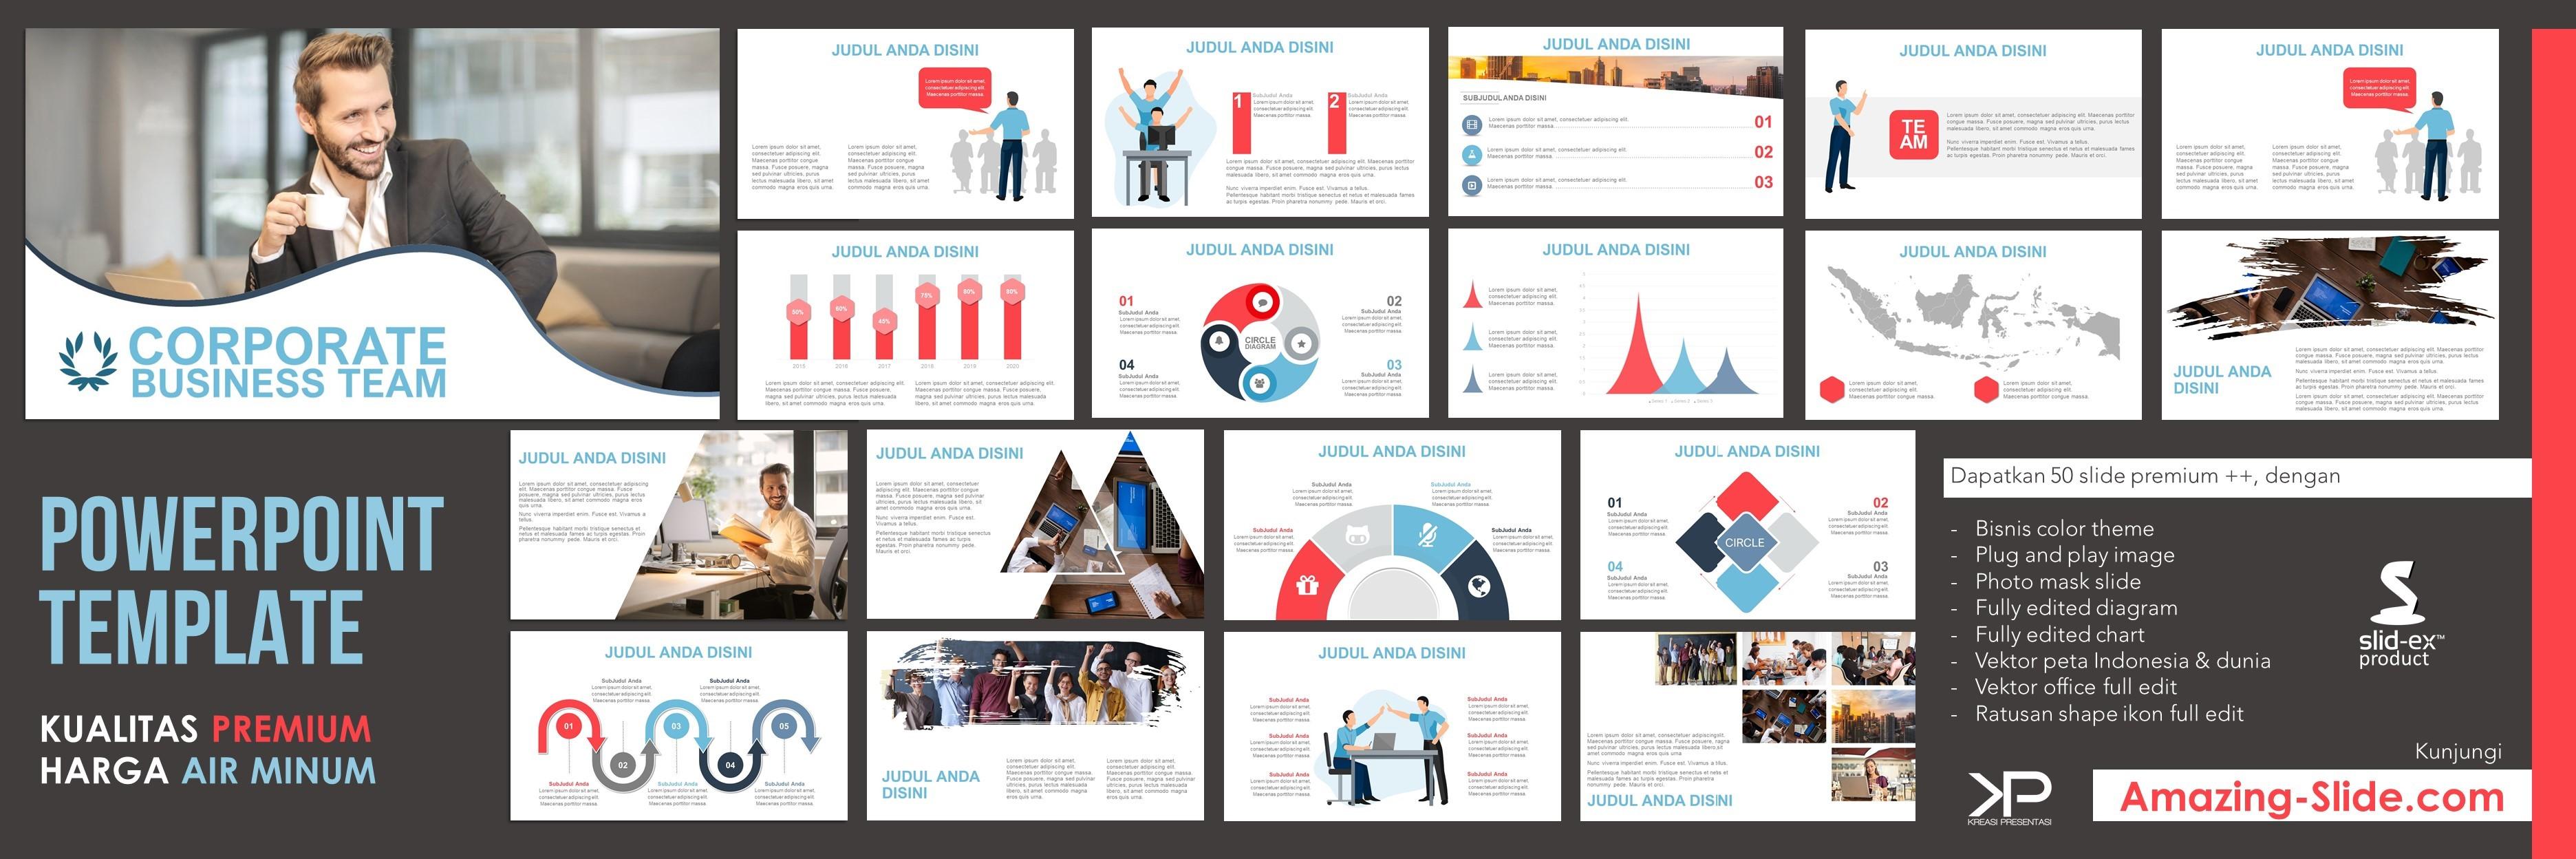 Template Kreasi Presentasi di Amazing Slide